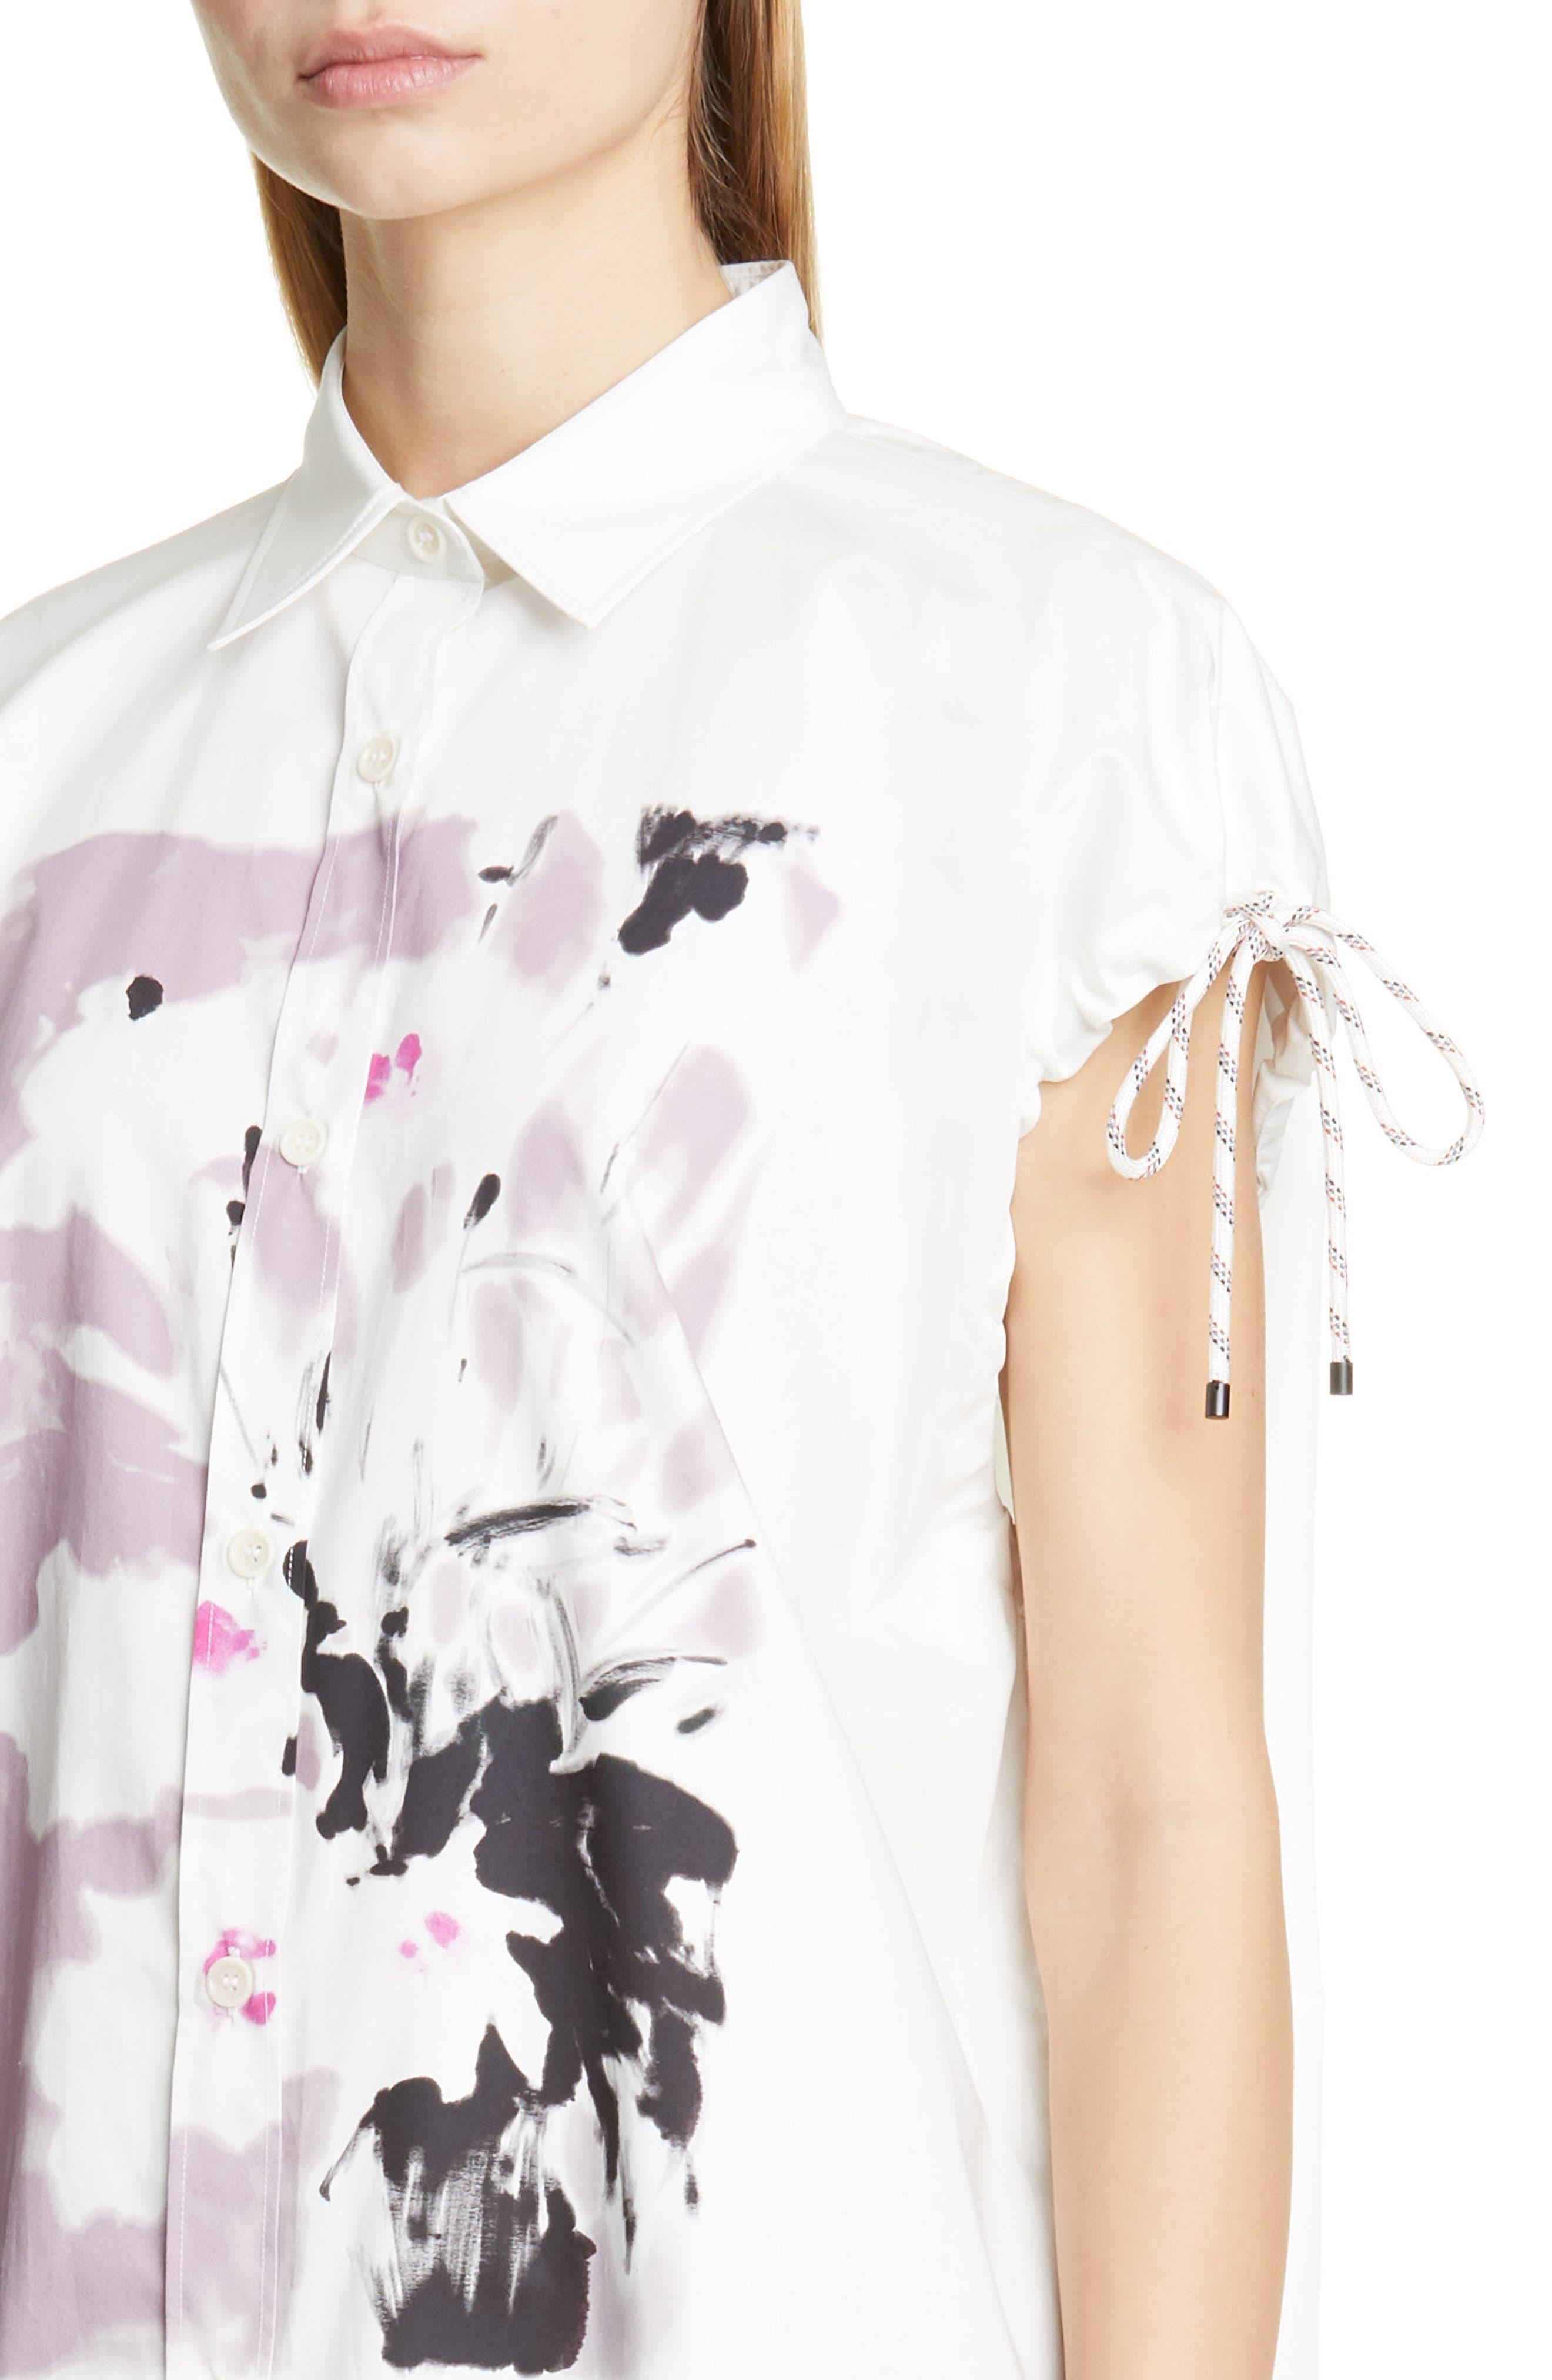 DRIES VAN NOTEN, Dantia Floral Print Cotton Shirt, Alternate thumbnail 4, color, LILAC